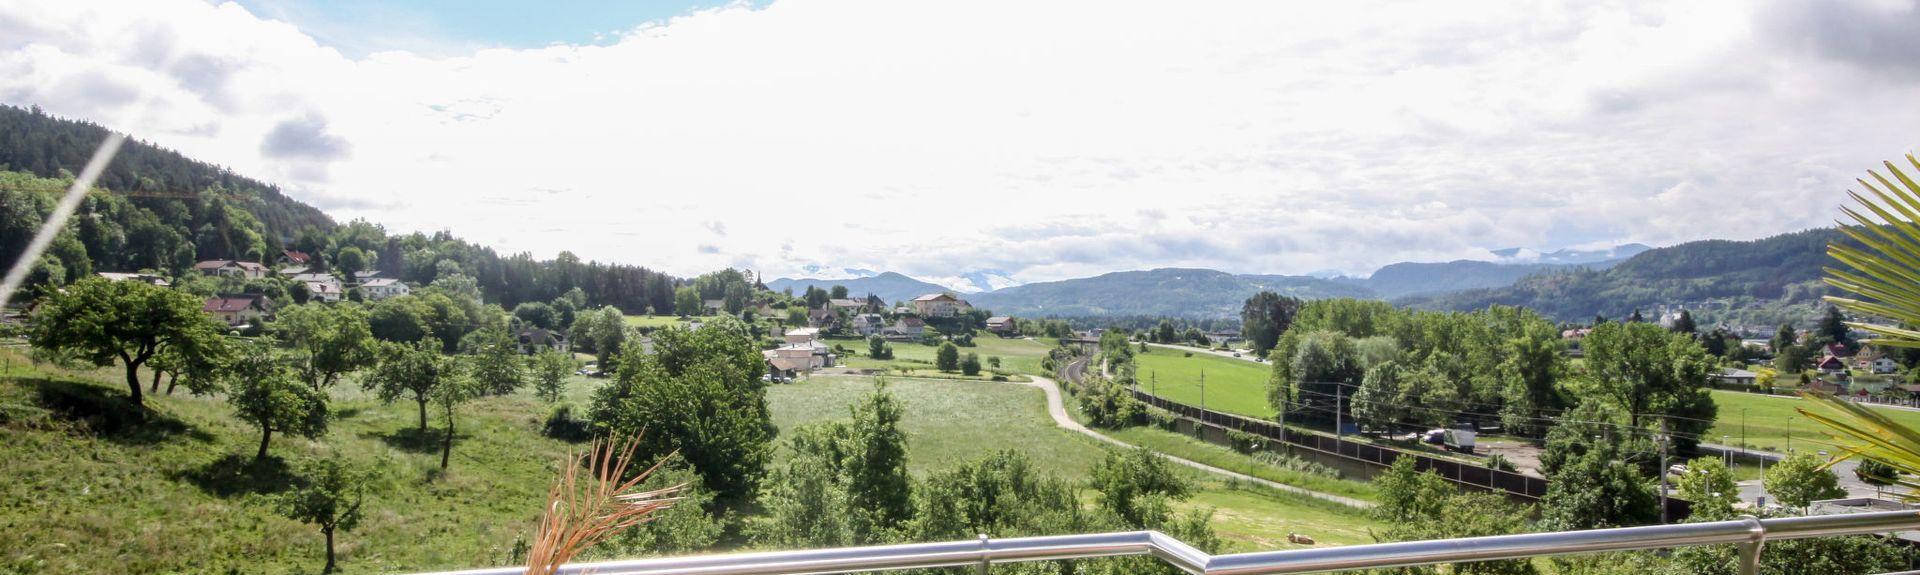 Finkenstein am Faaker See, Kärnten, Itävalta